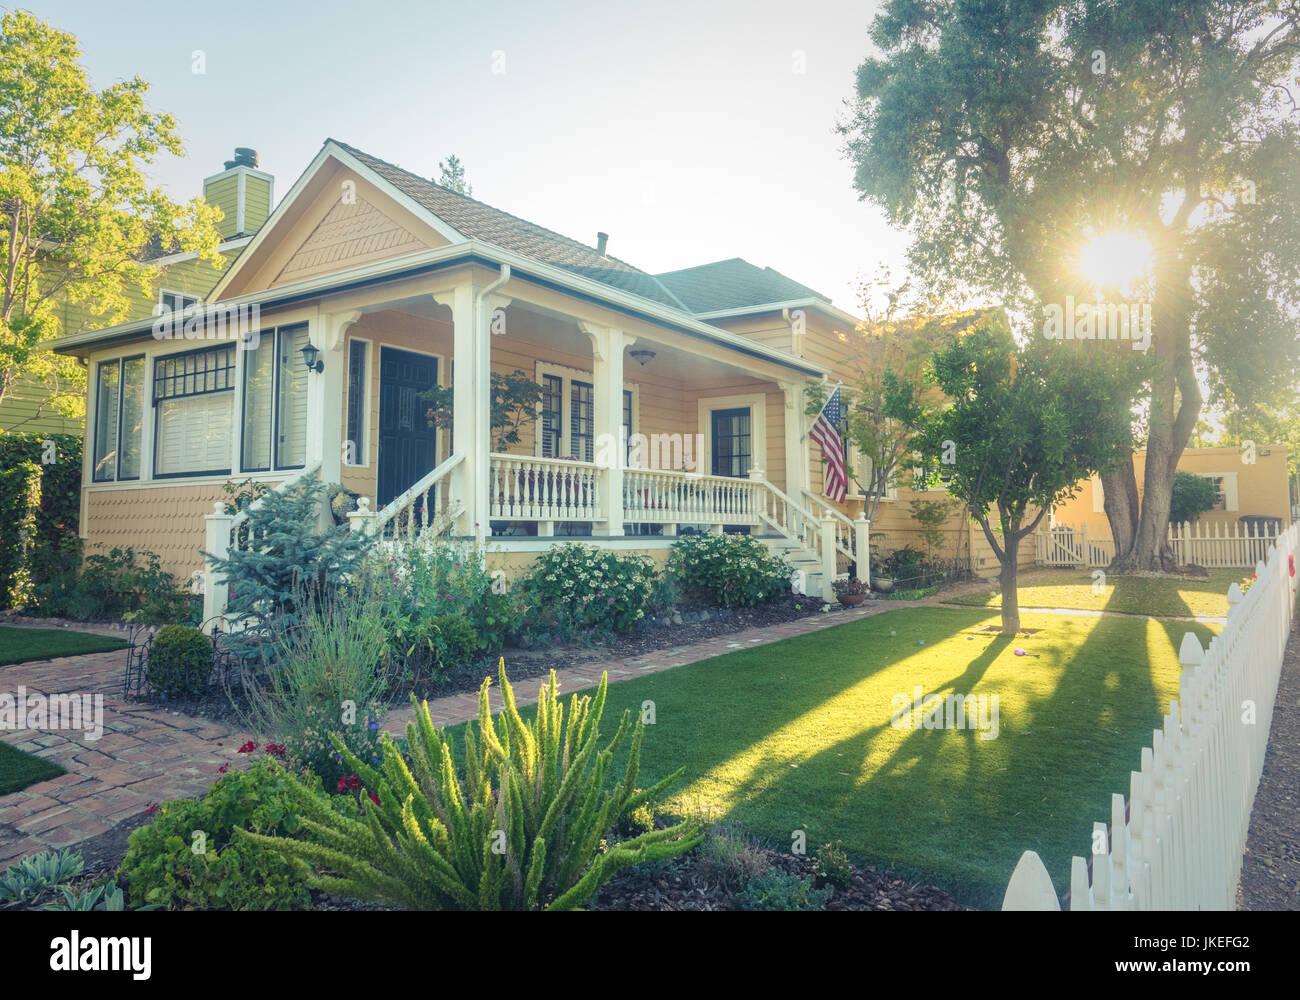 Perfekte Amerikanische Suburban White Picket Zaun Home Mit Veranda